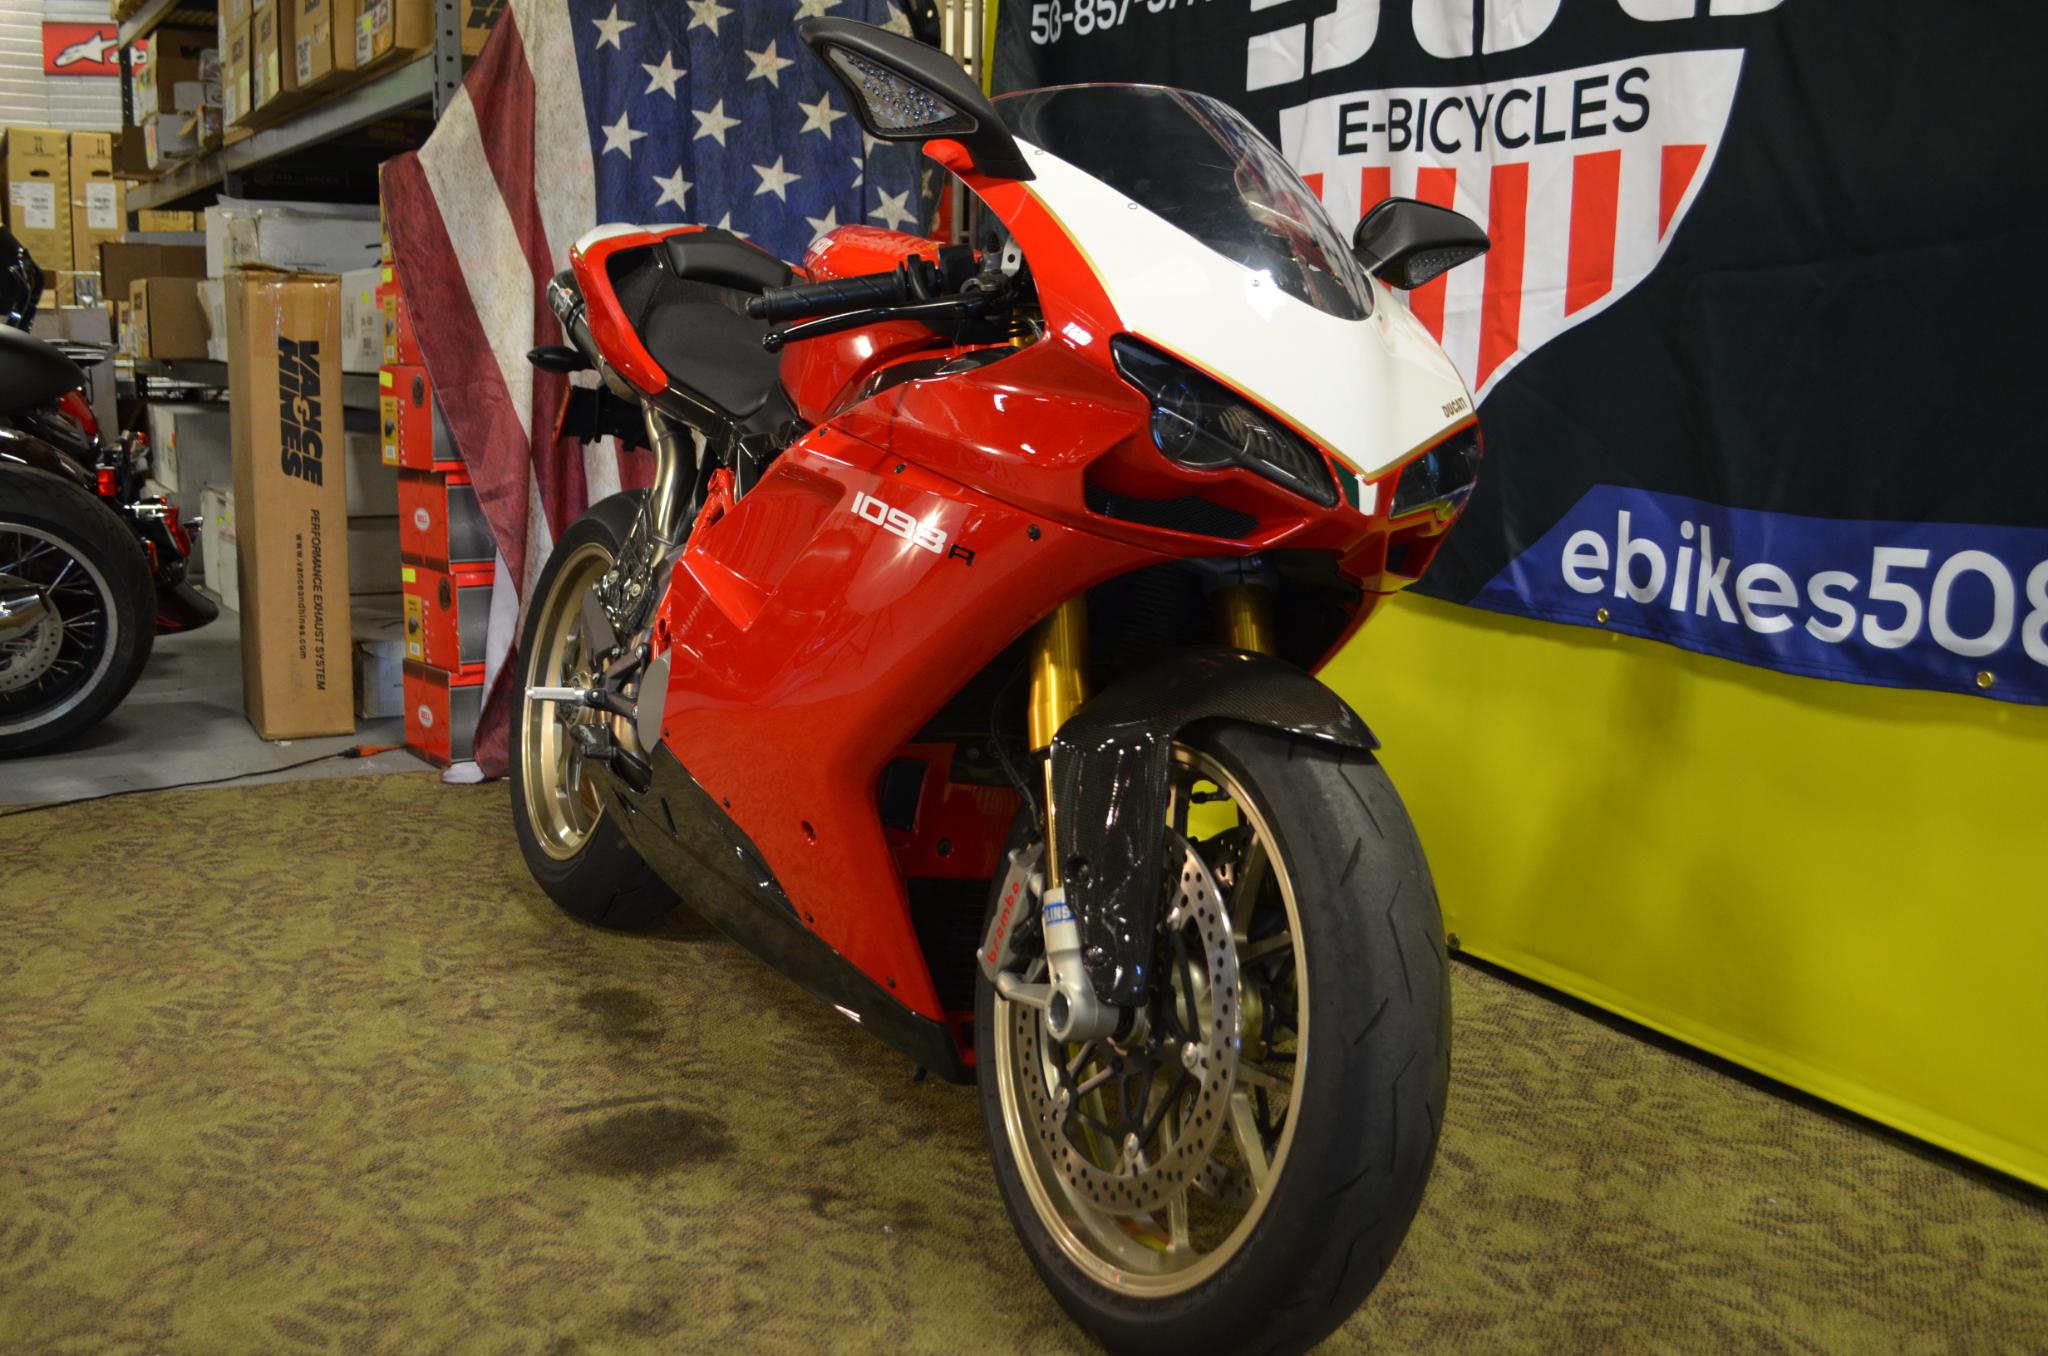 2008 Ducati Superbike 1098 1098r